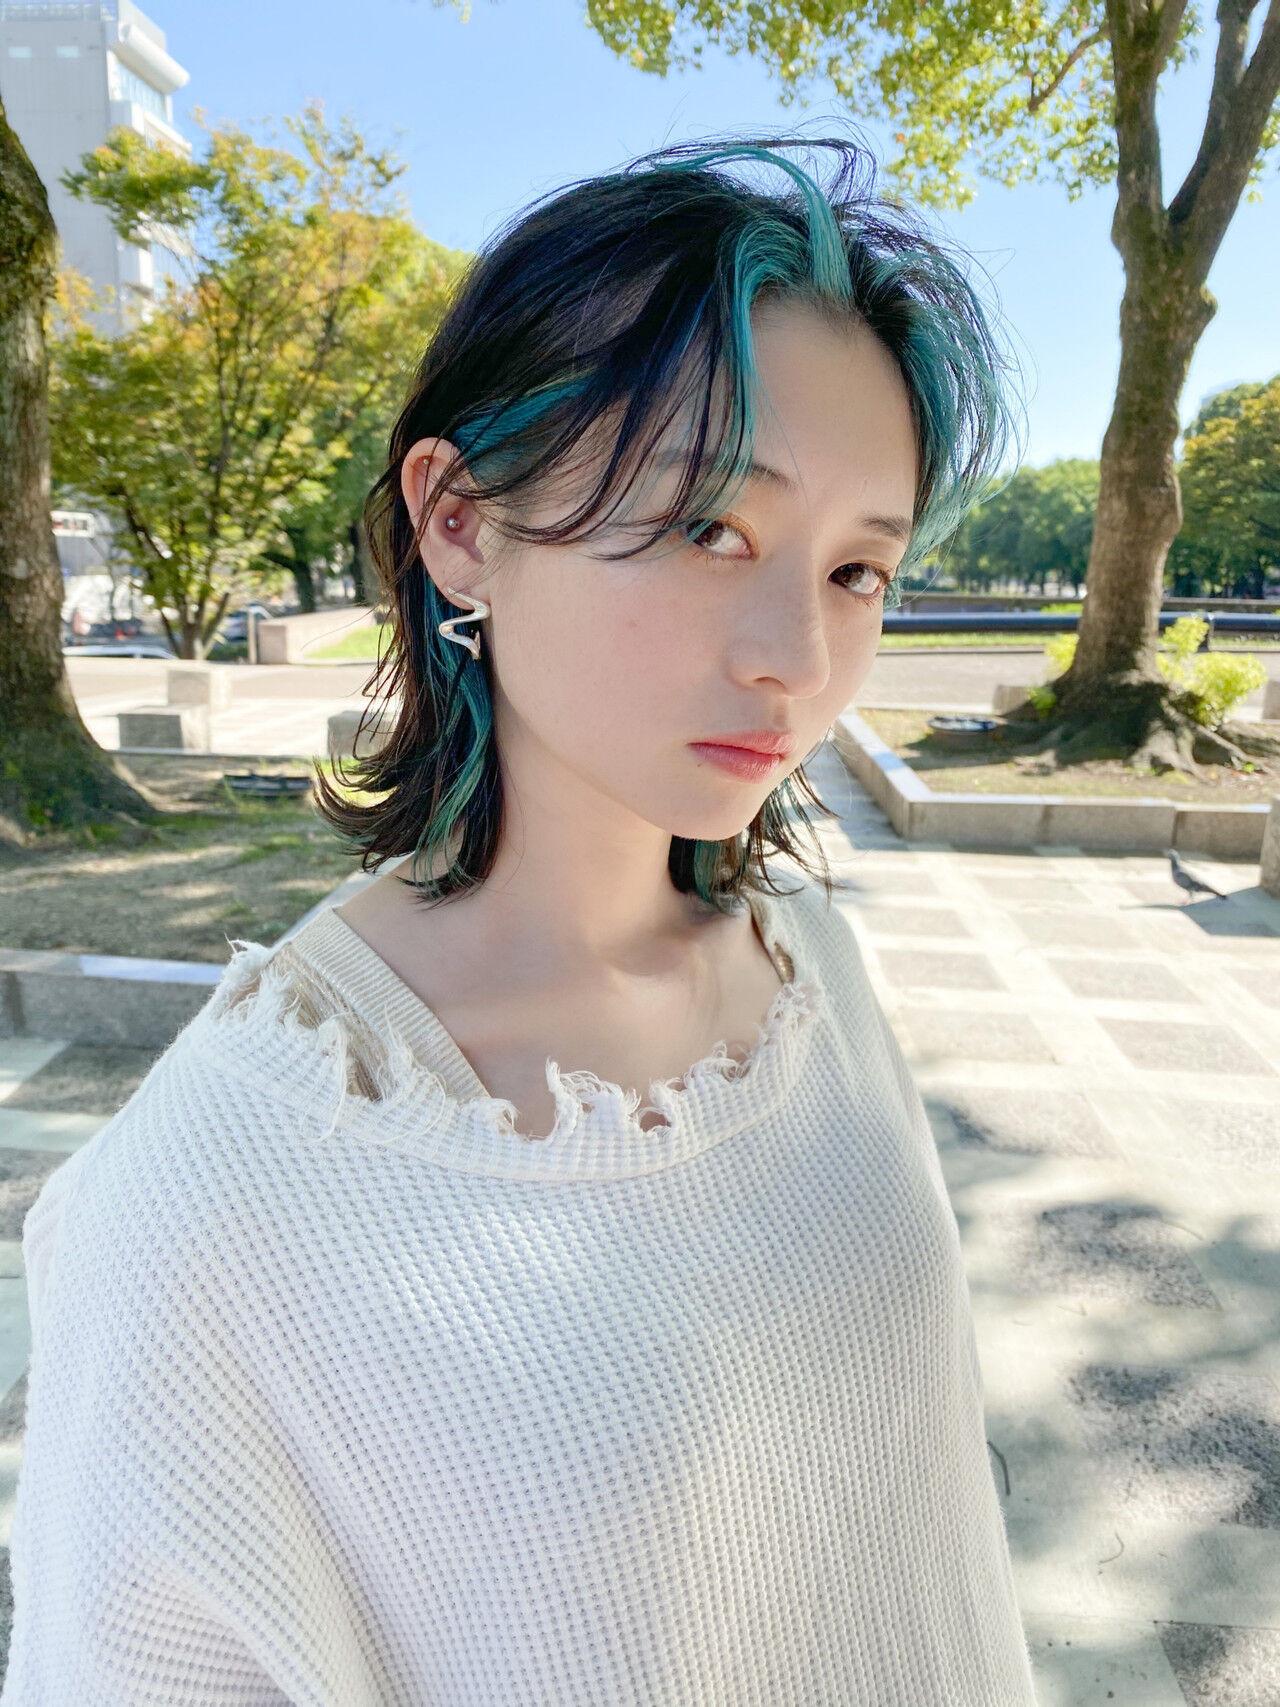 ナチュラルウルフ ターコイズブルー ウルフ女子 センターパート ヘアスタイルや髪型の写真・画像